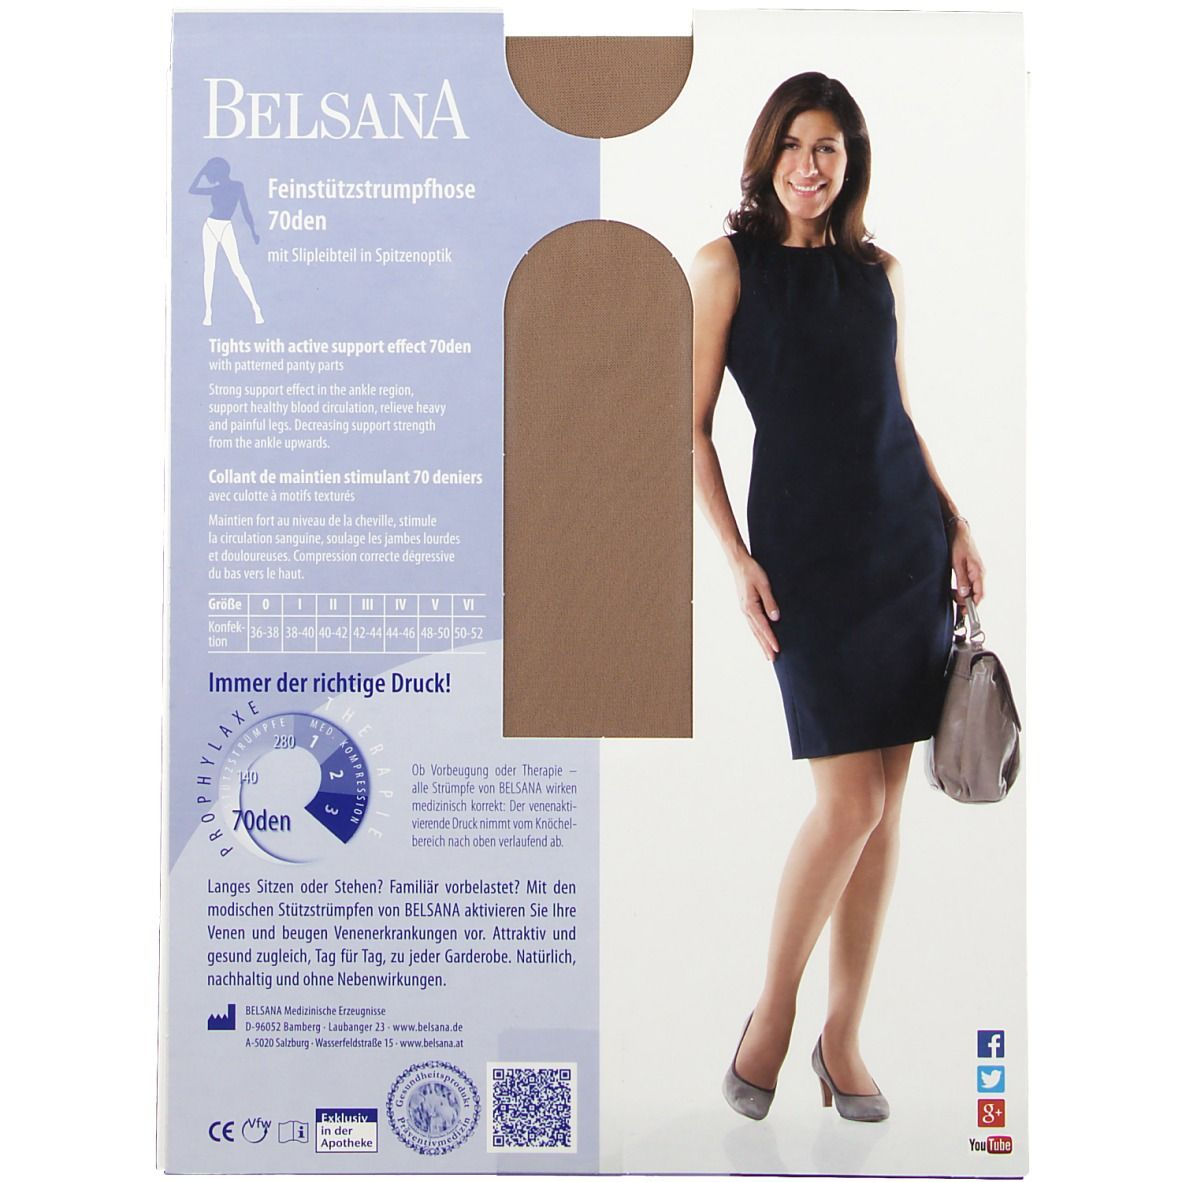 Belsana 70den Feinstützstrumpfhose Größe 2